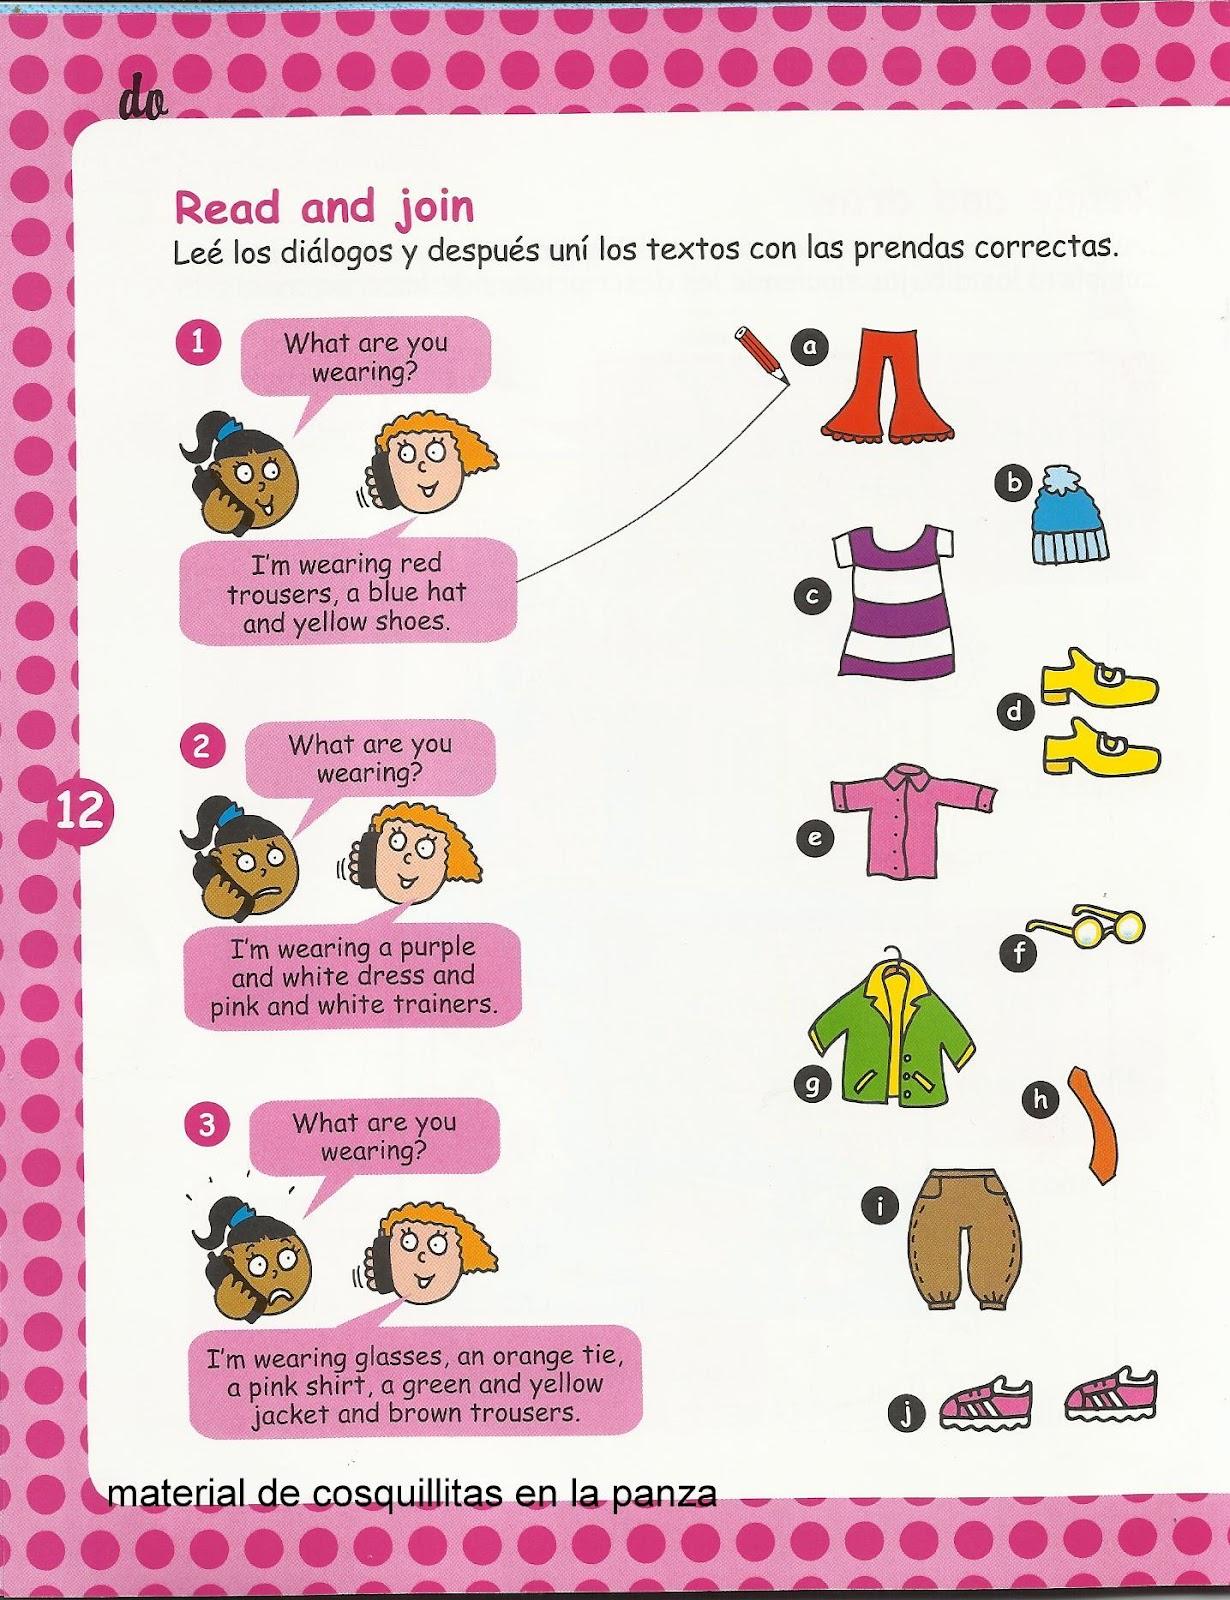 imagenes de ropa en ingles - Clothes vocabulary Vocabulario de la ropa Lingolex